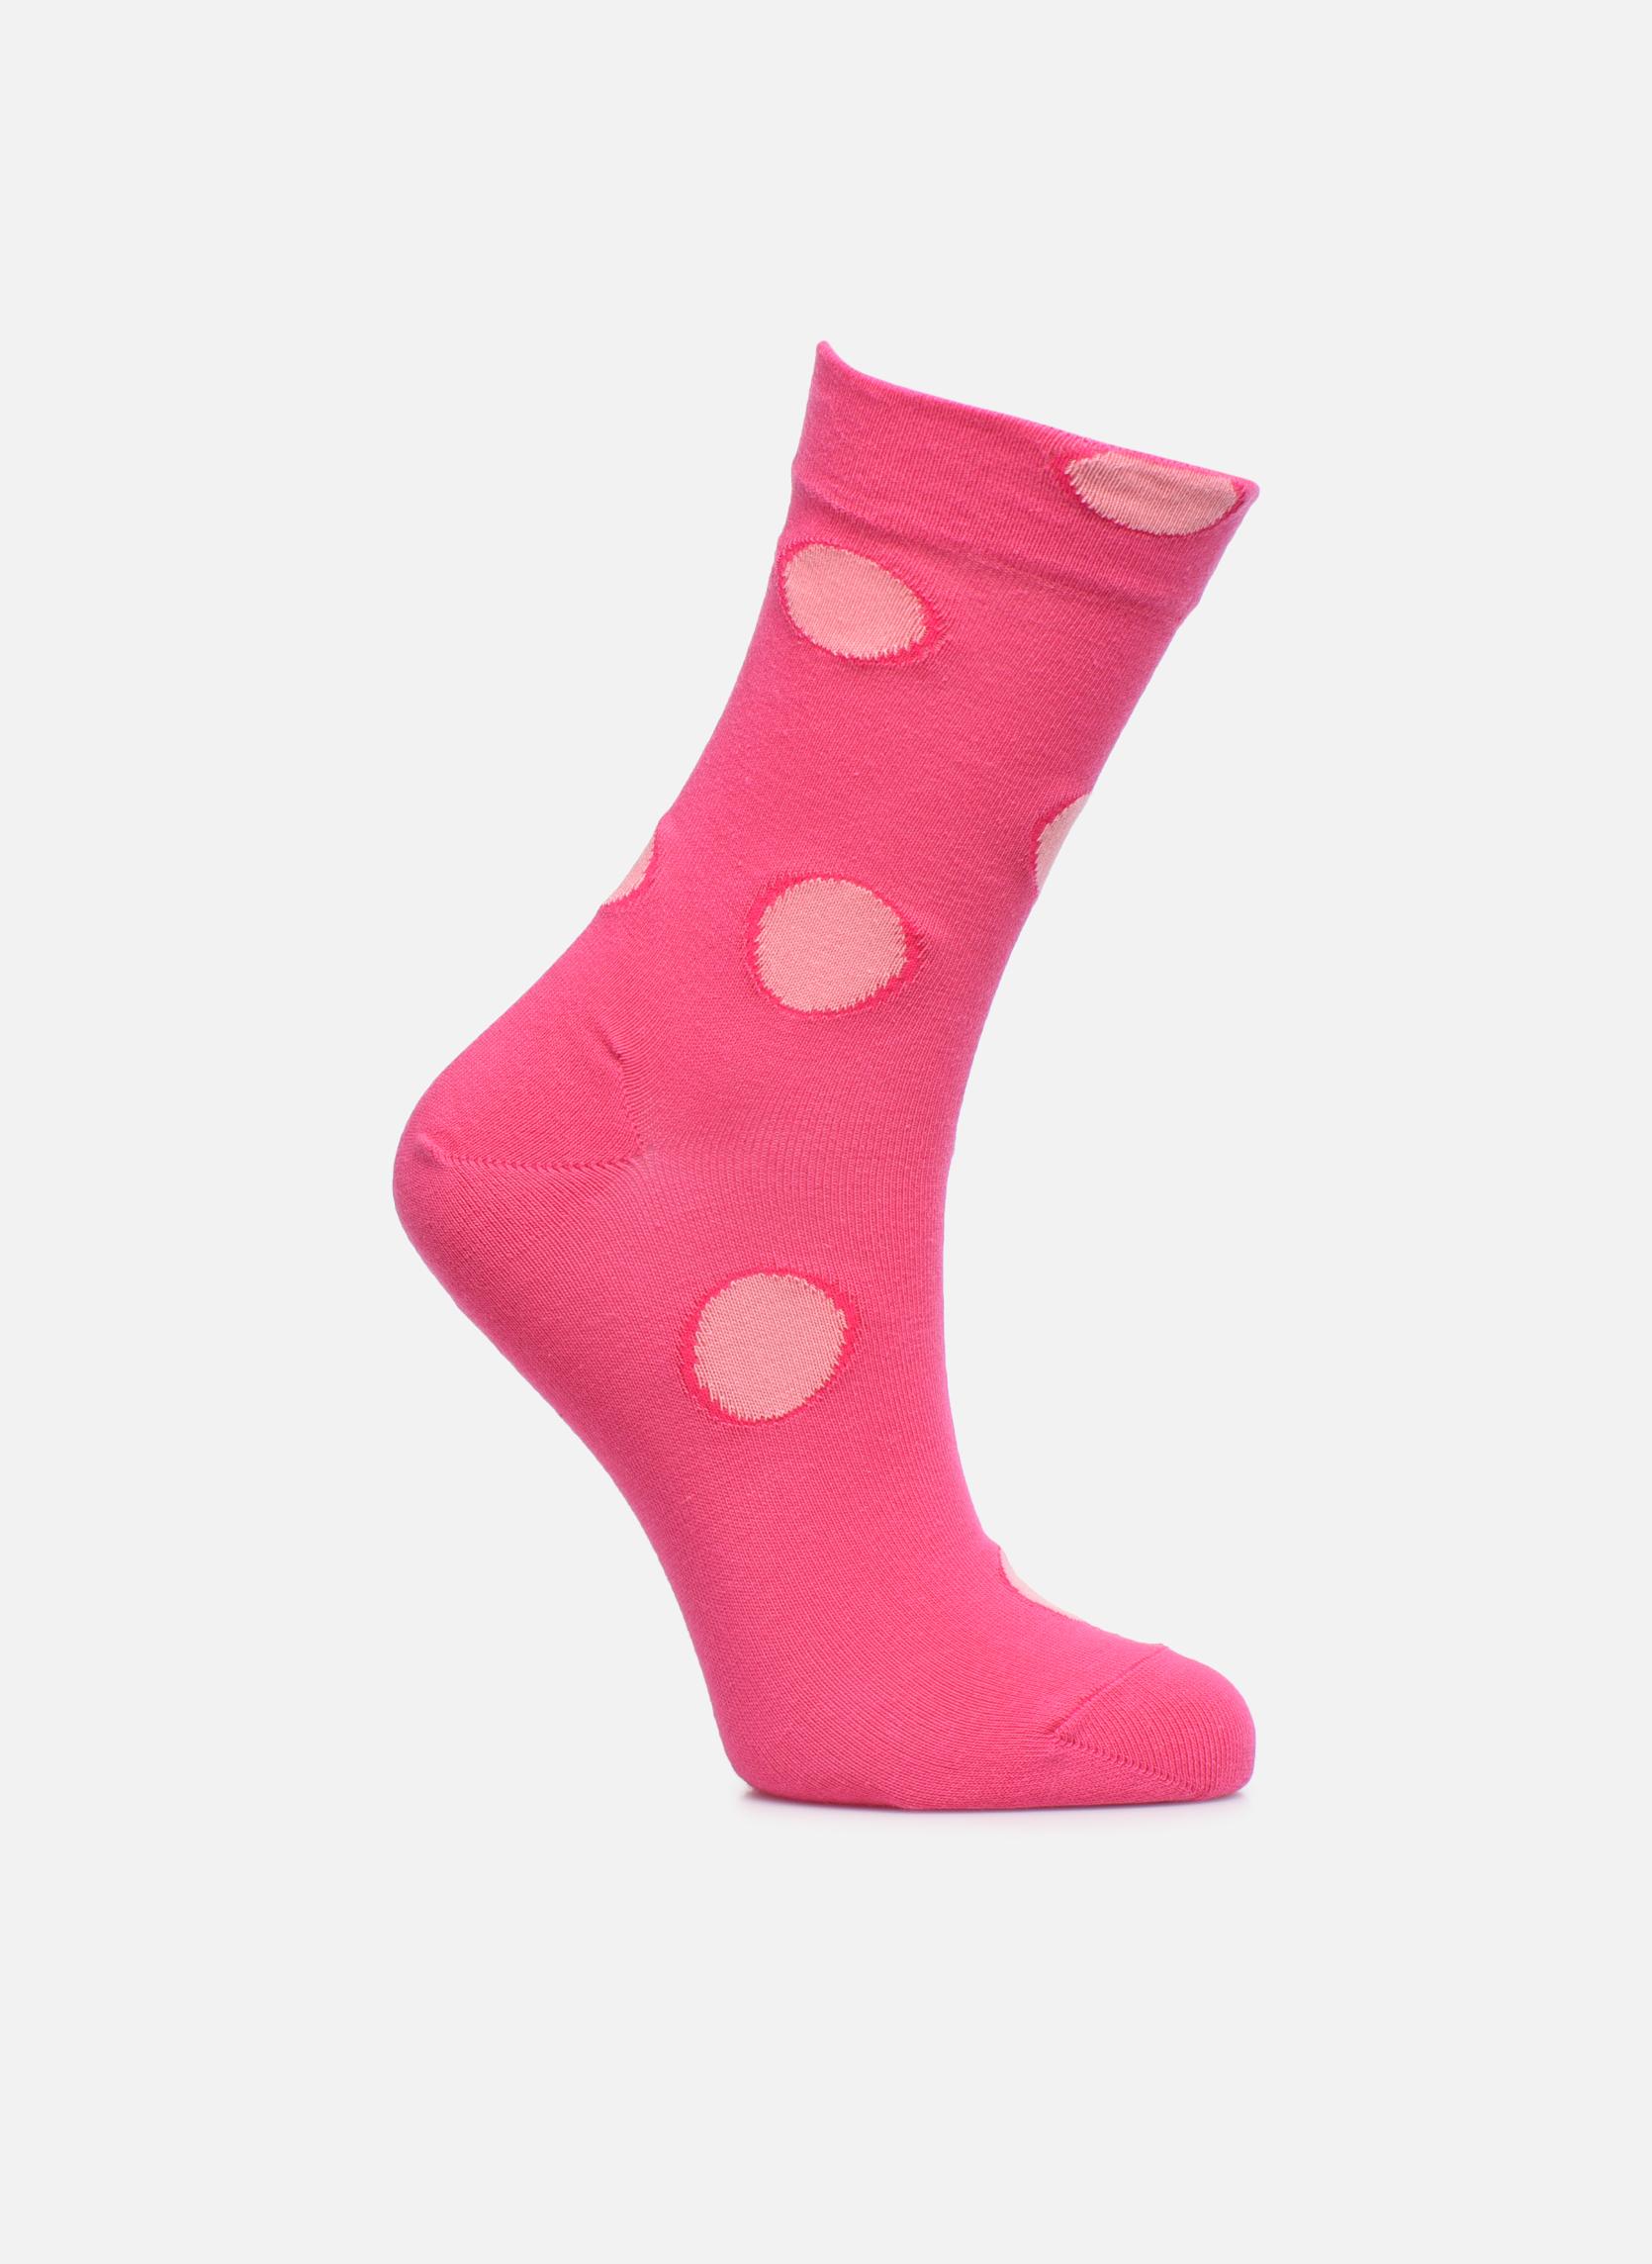 Socquettes Enfant Coton Spotted SO